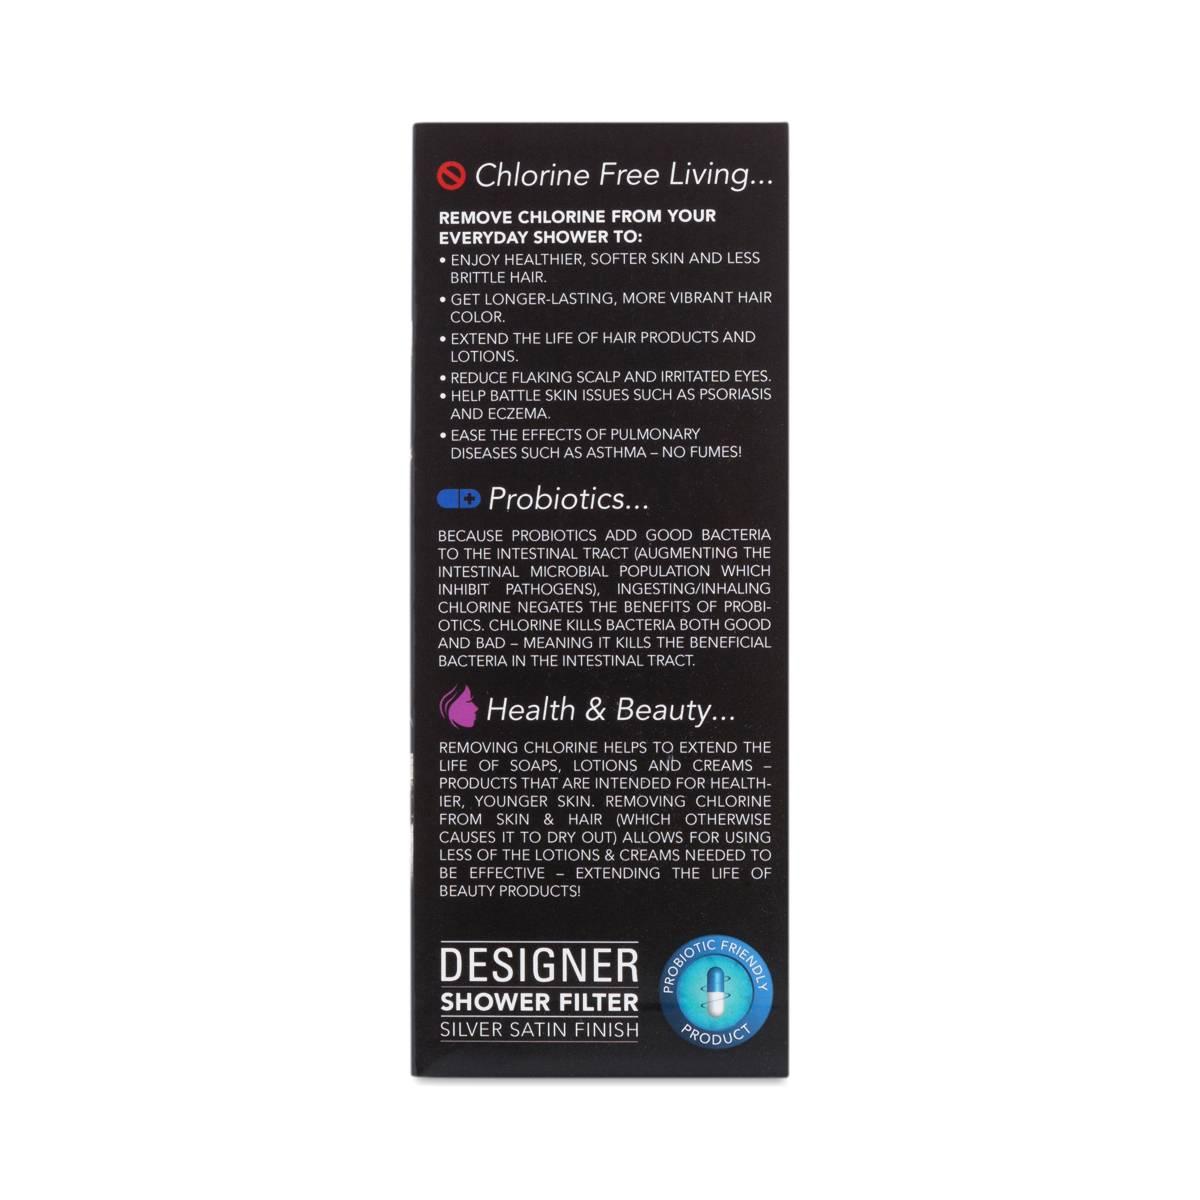 new wave enviro designer shower filter system thrive market. Black Bedroom Furniture Sets. Home Design Ideas